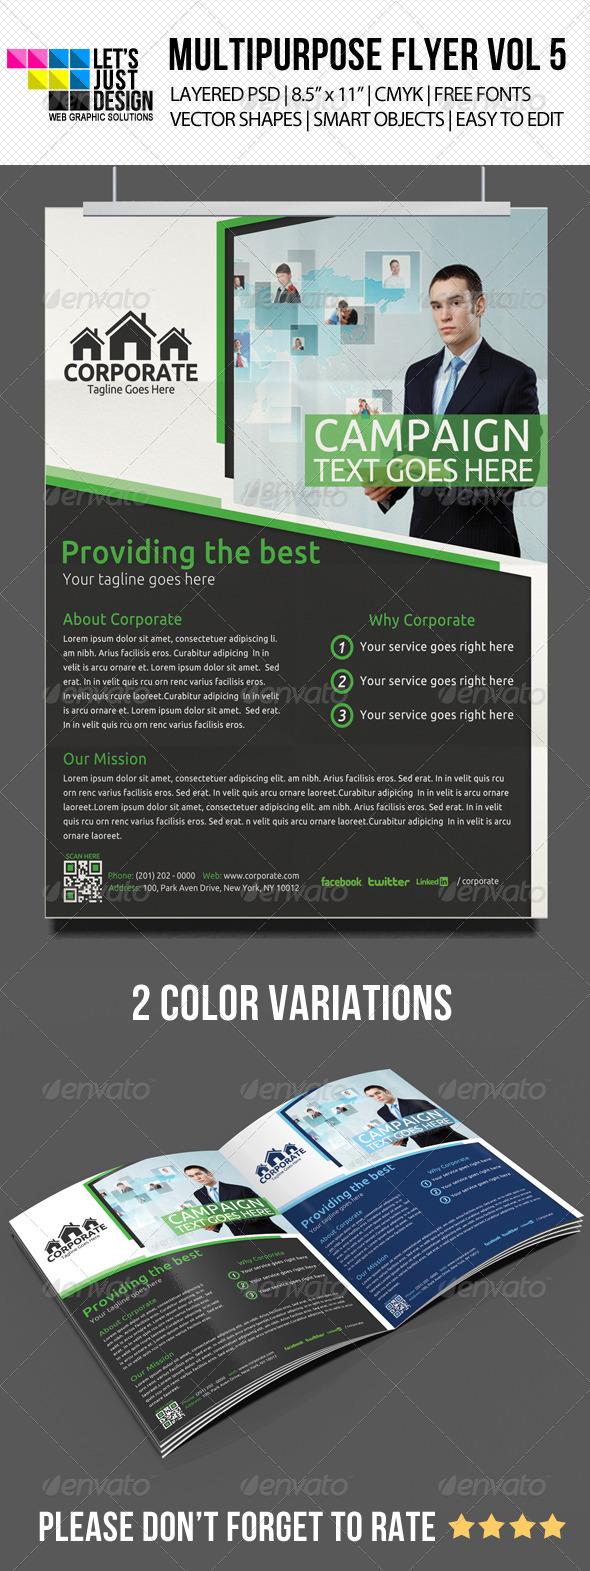 GraphicRiver Multipurpose Flyer Template Vol 5 5110881